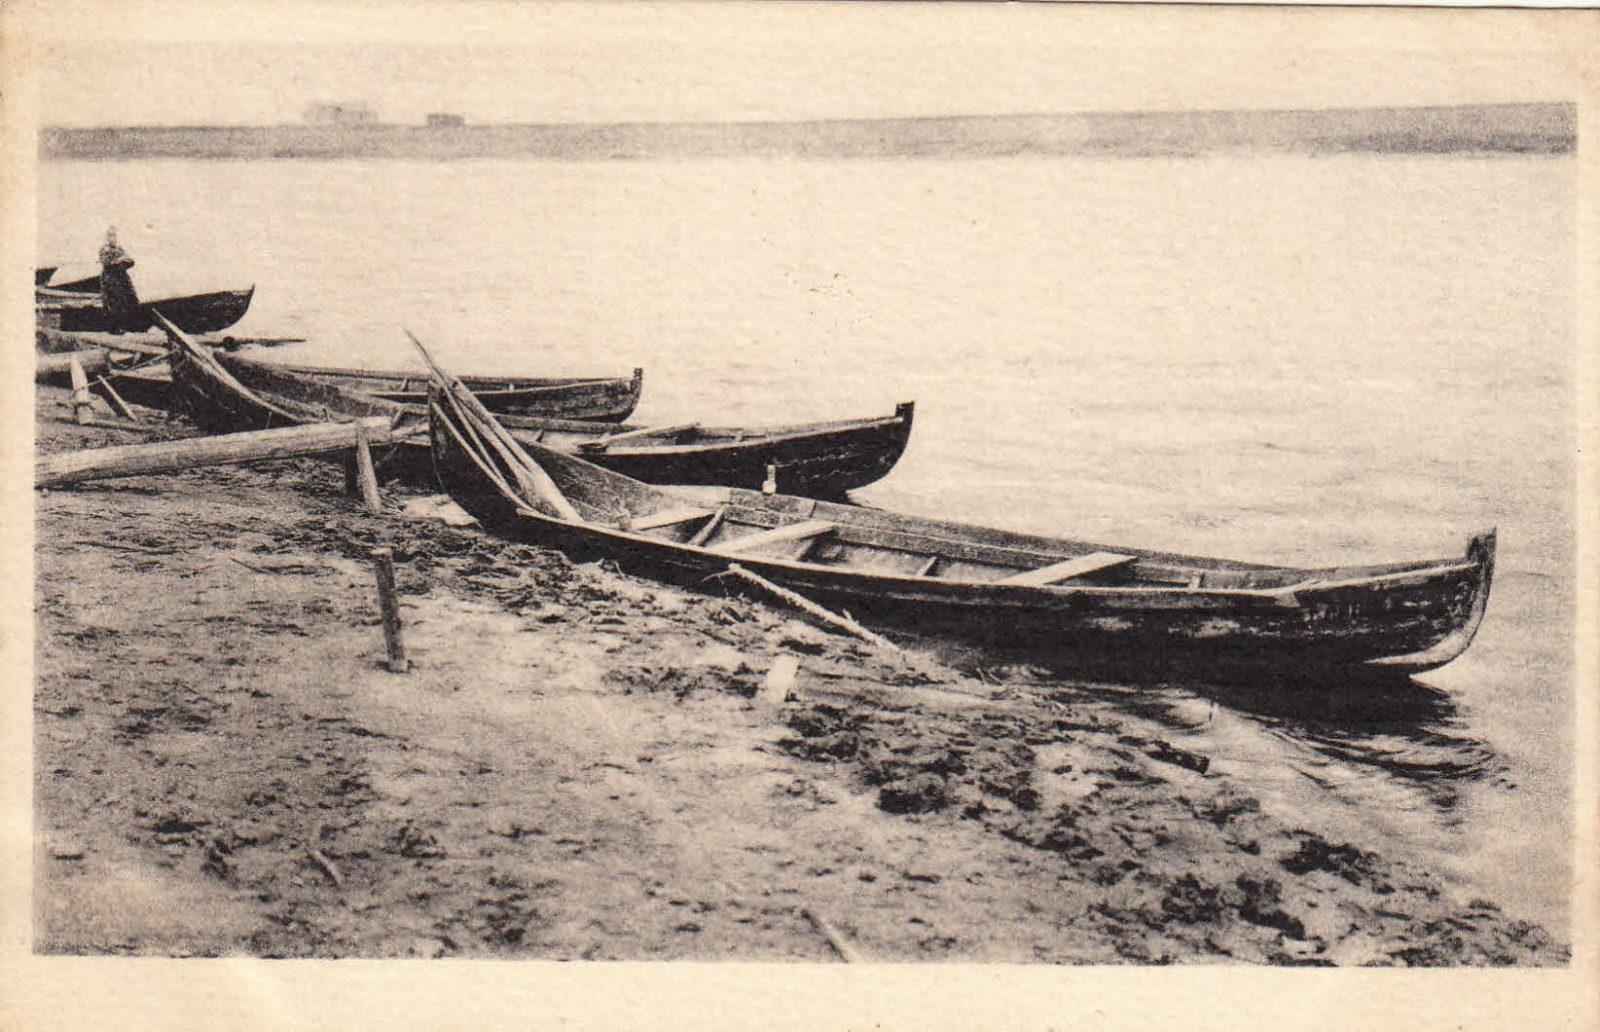 Onega river, boats, Arkhangelsk region, Russia, White Sea.